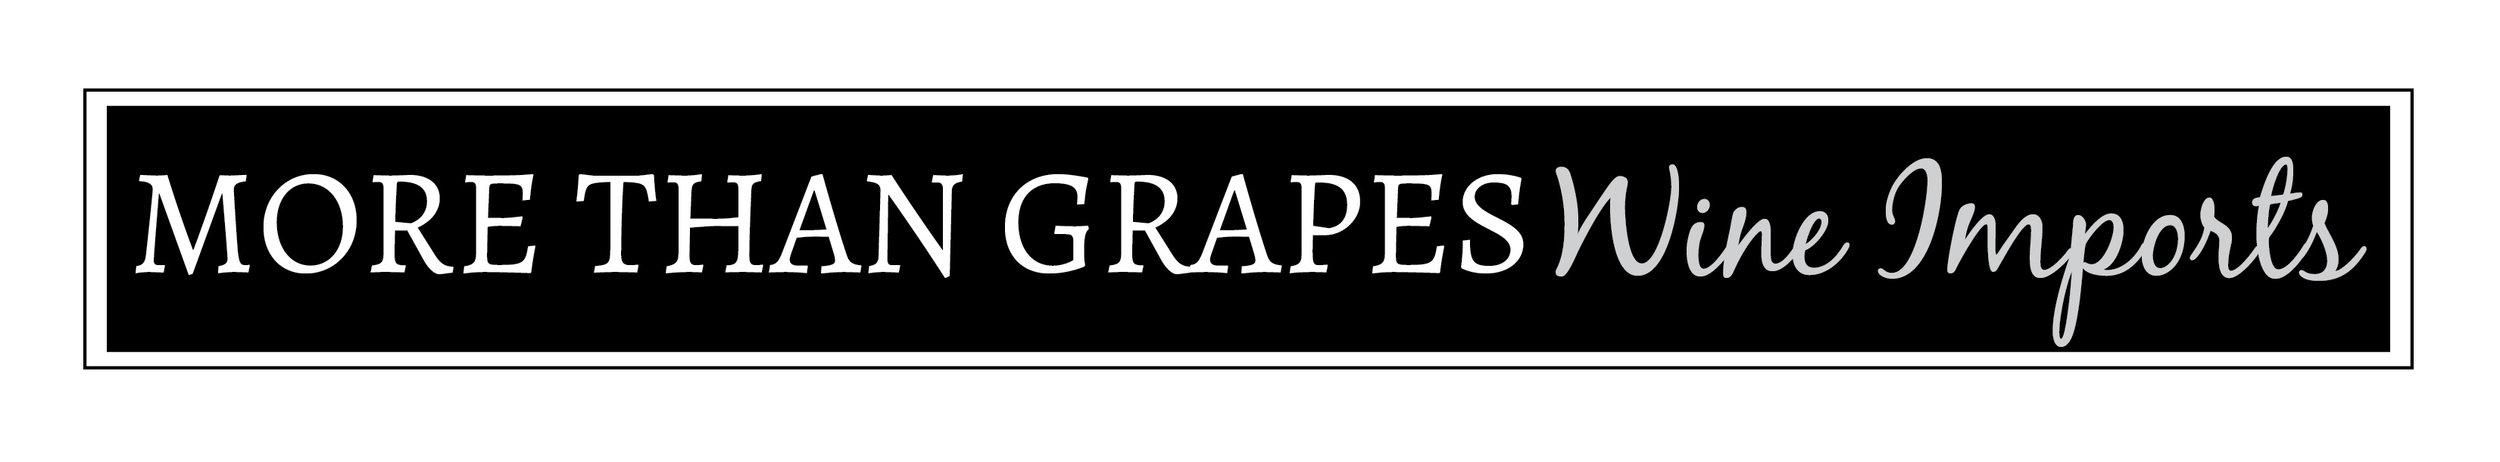 More Than Grapes Logo Ideas -40.jpg